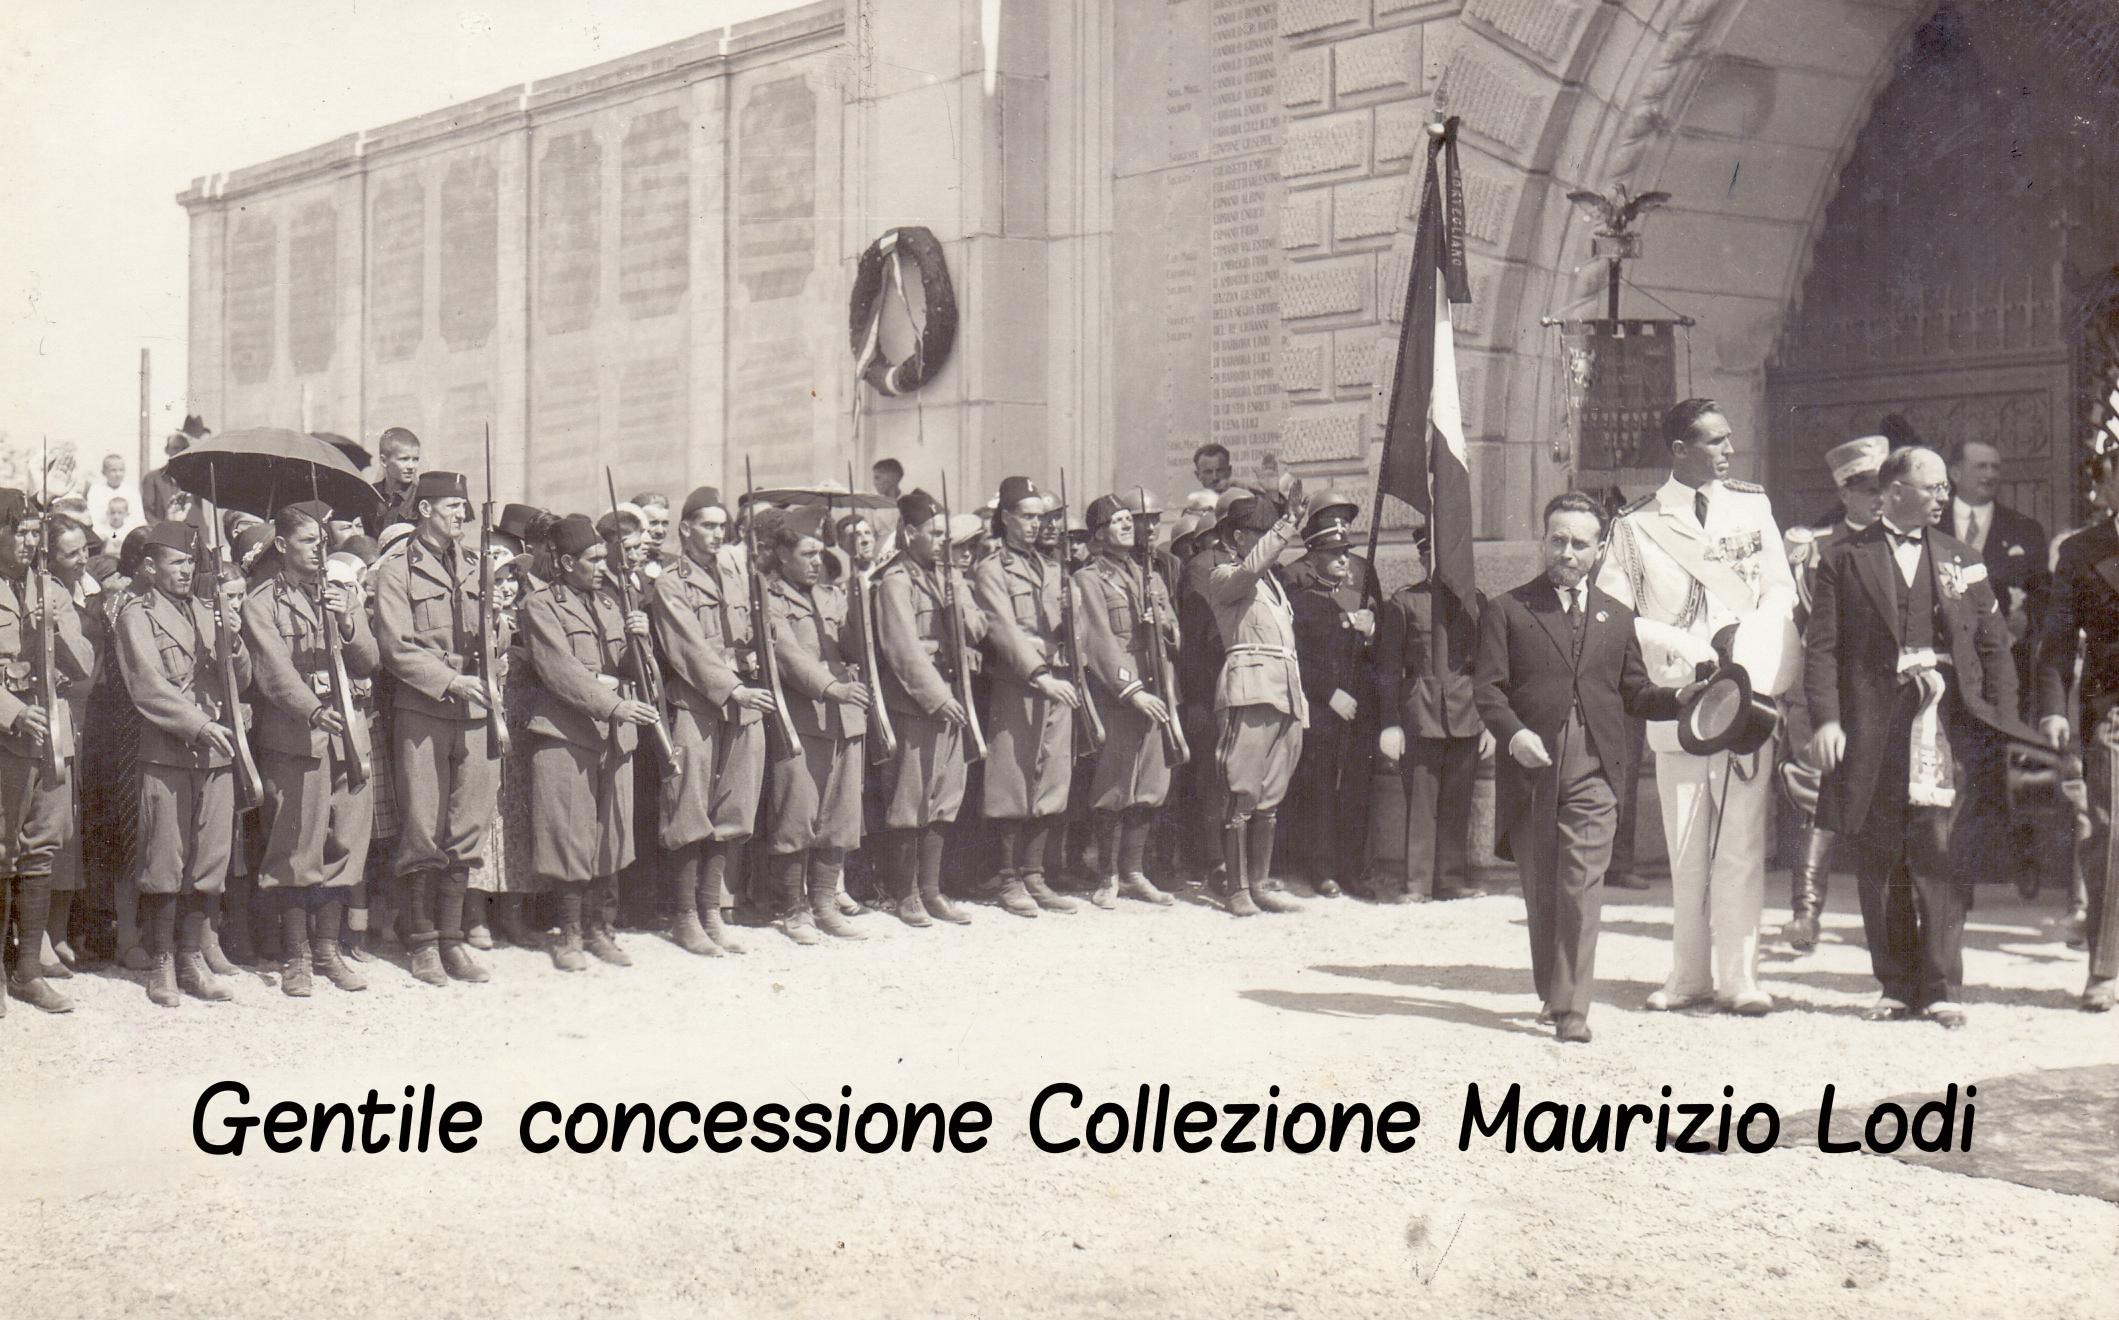 Mortegliano (Ud) 28 agosto 1932 S.A.R. Amedeo di Savoia Duca Aosta inaugurazione Monumento ai Caduti e del Parco della Rimembranza (c).jpg